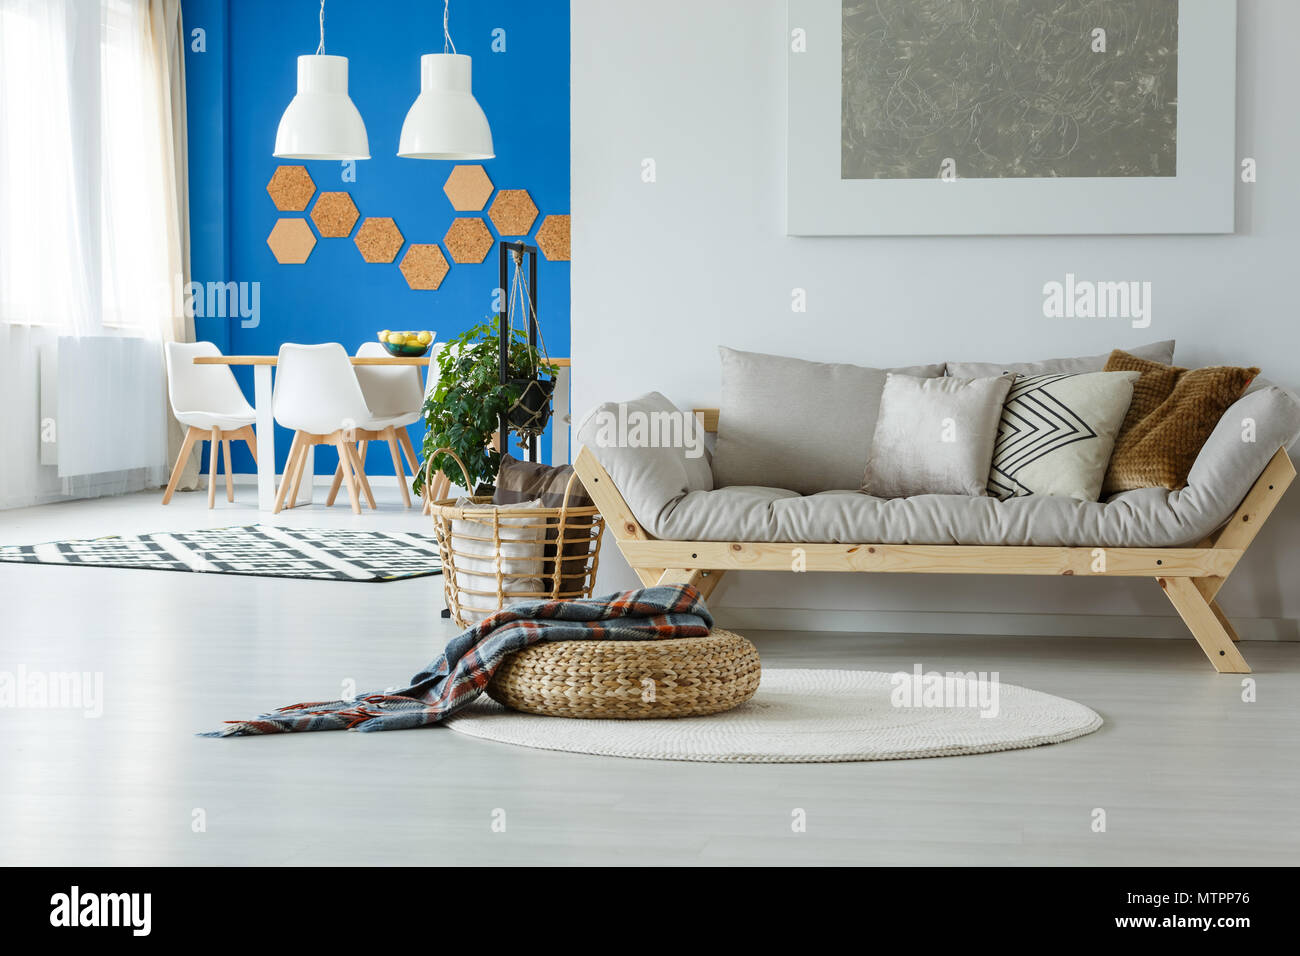 Design Blauen Und Einfache Mit Moderne Weißen Wohnung OTPZwkXiu